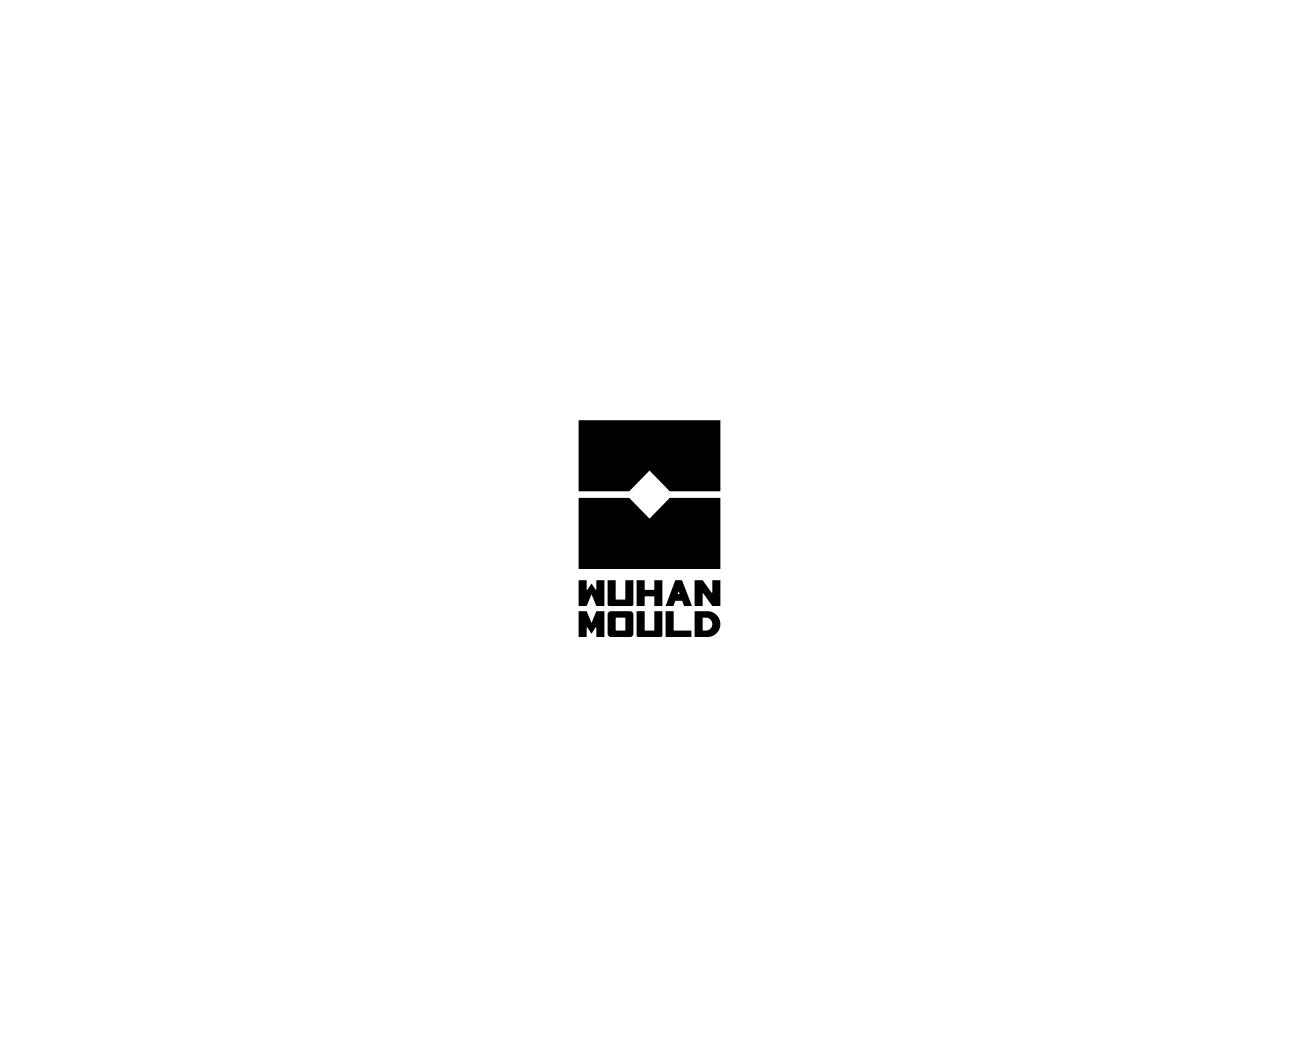 Создать логотип для фабрики пресс-форм фото f_0205990b8ce25f1d.png